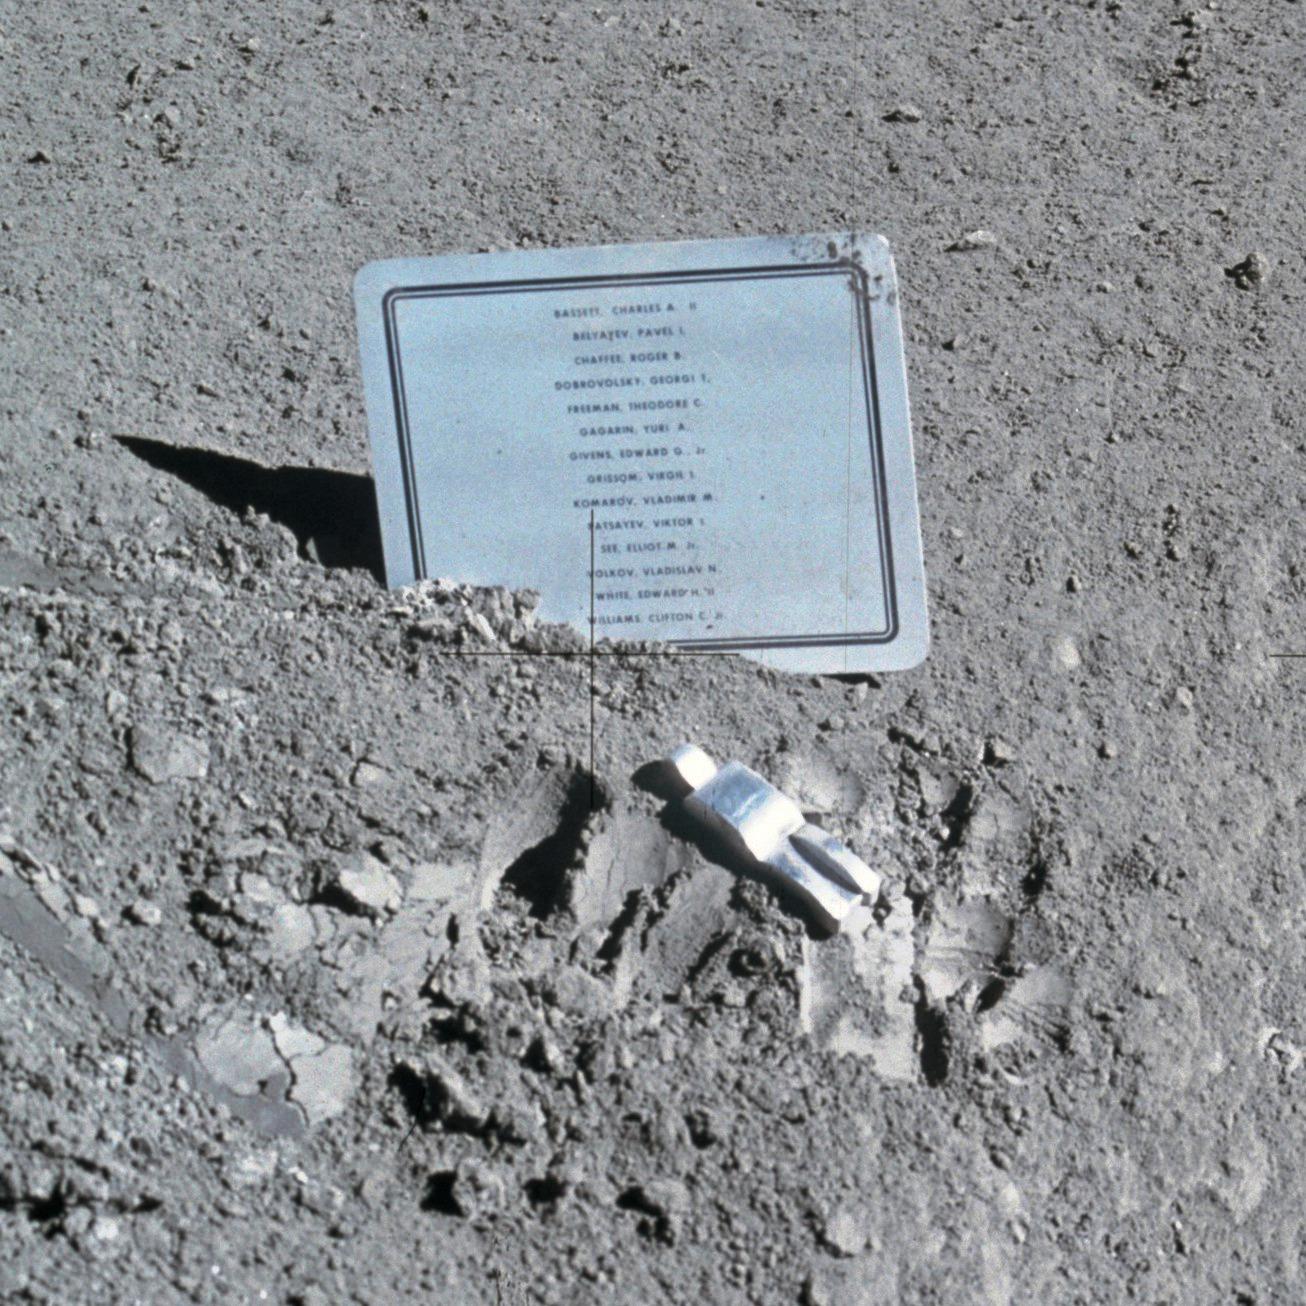 Imagen a los caidos en la Luna